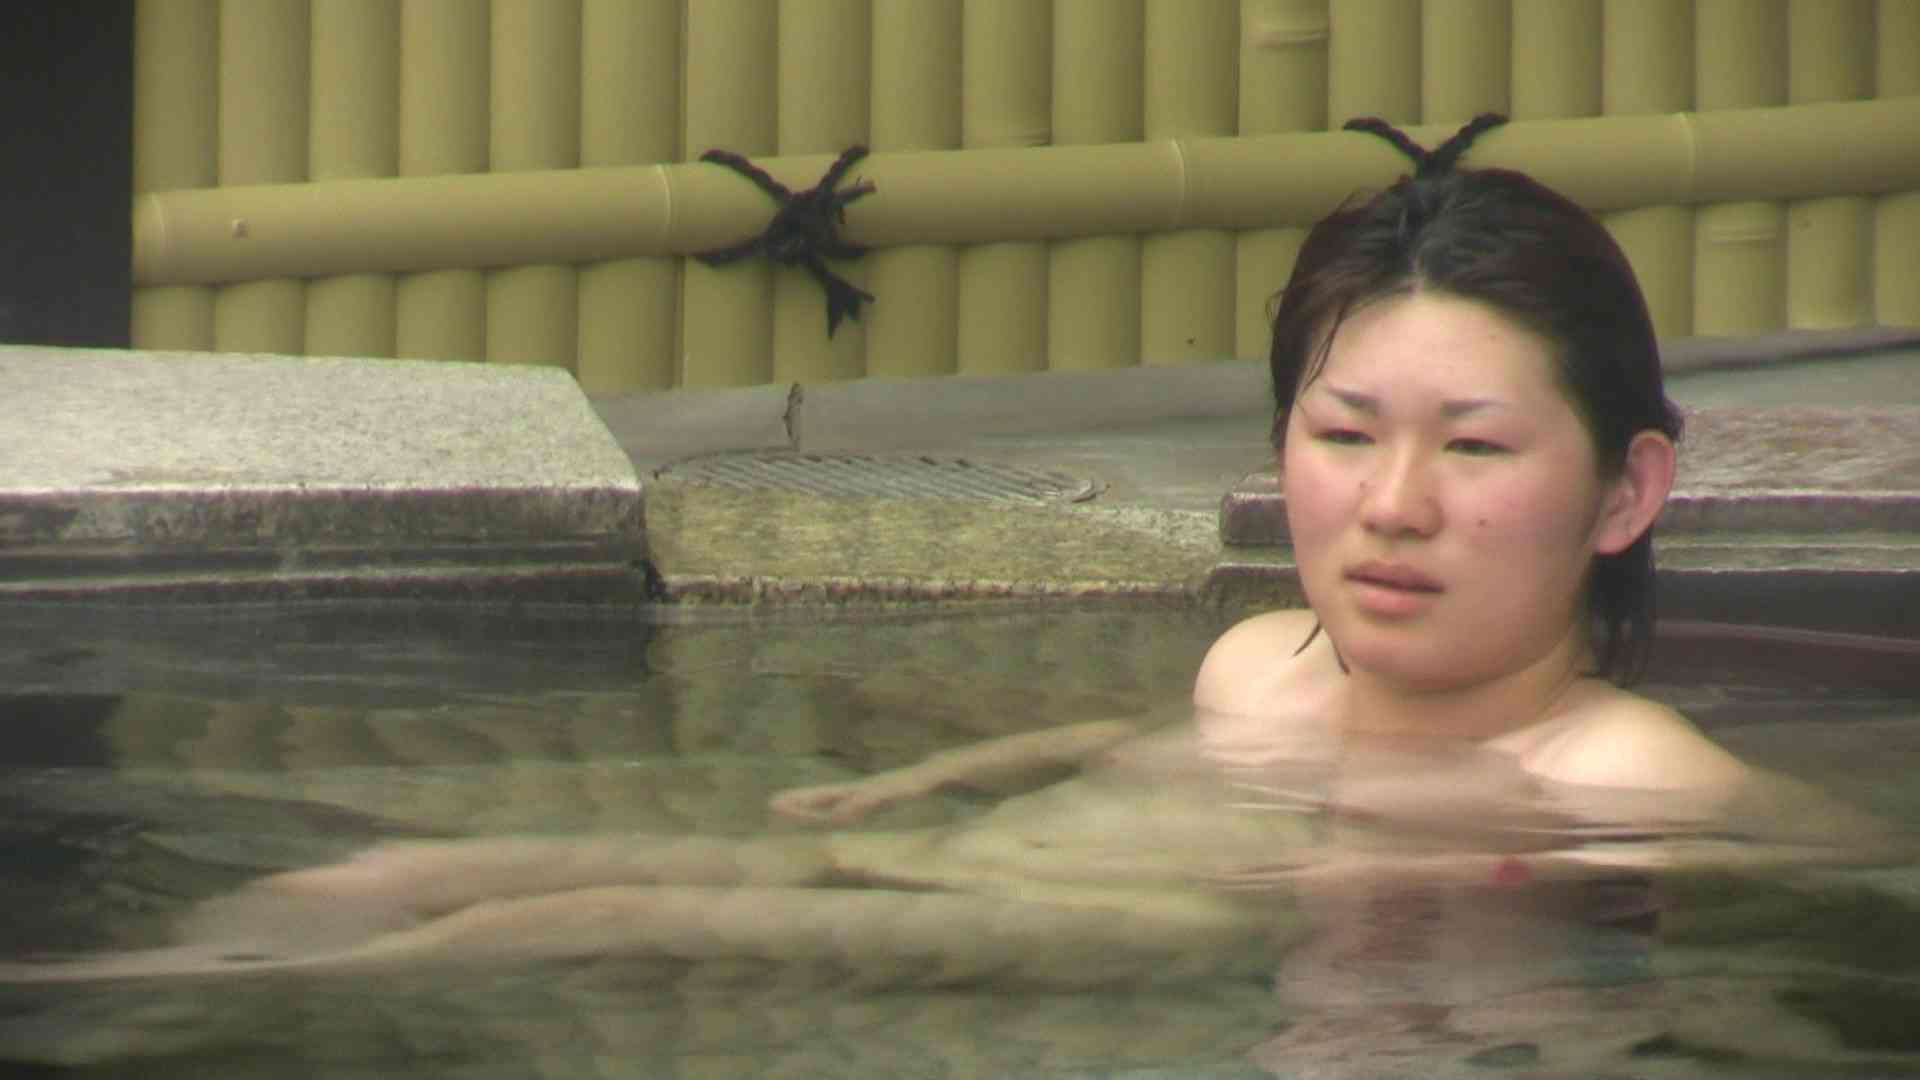 Aquaな露天風呂Vol.673 0  91pic 68